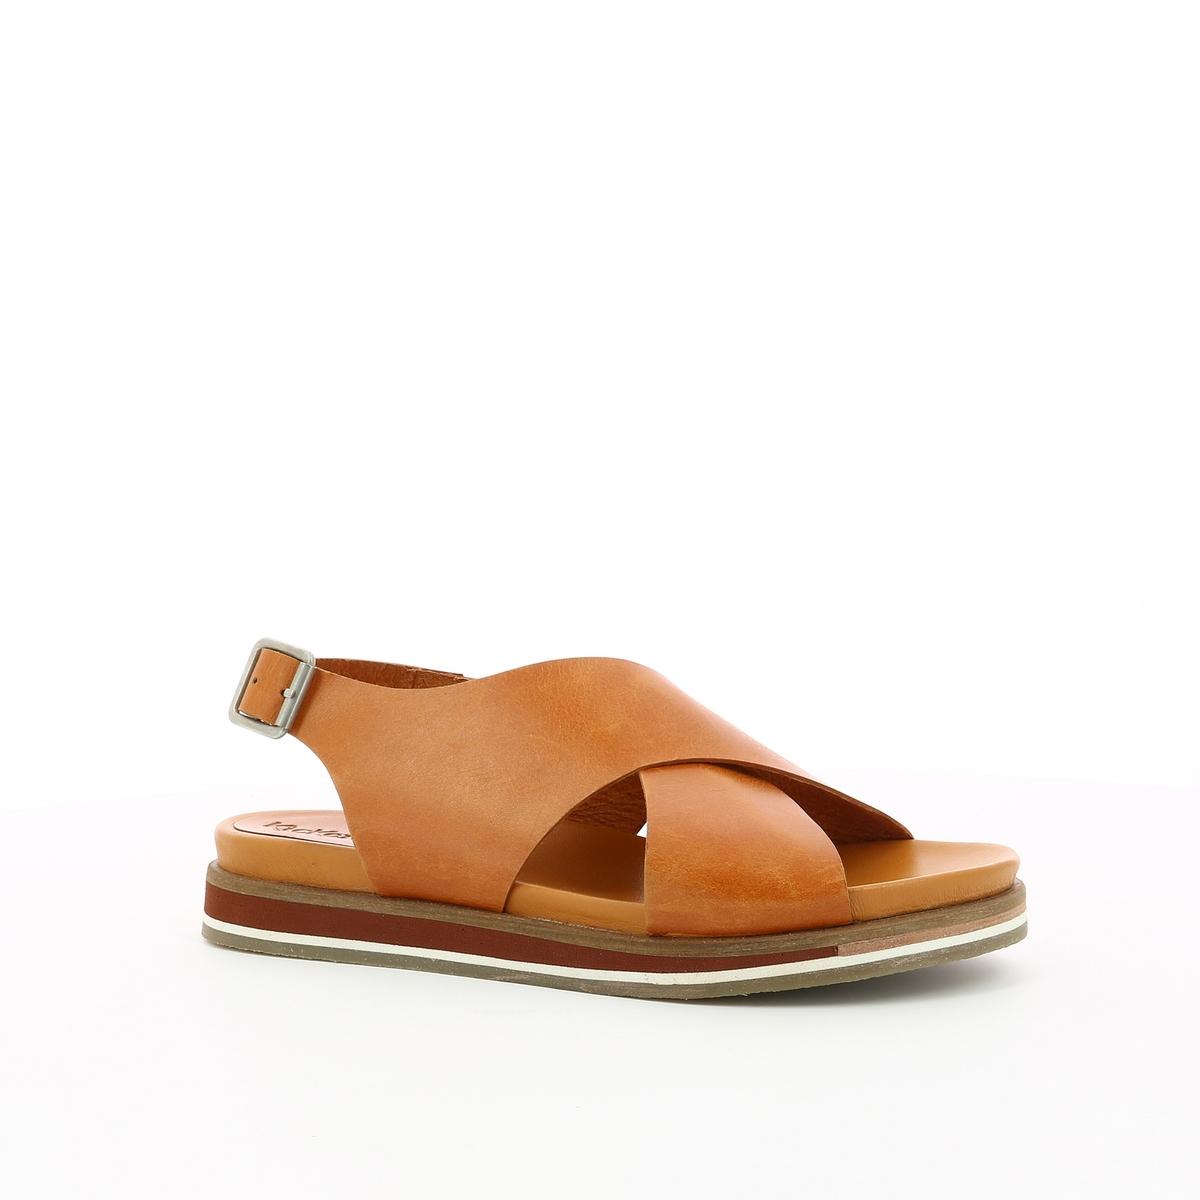 Imagen secundaria de producto de Sandalias de piel Océanie - Kickers